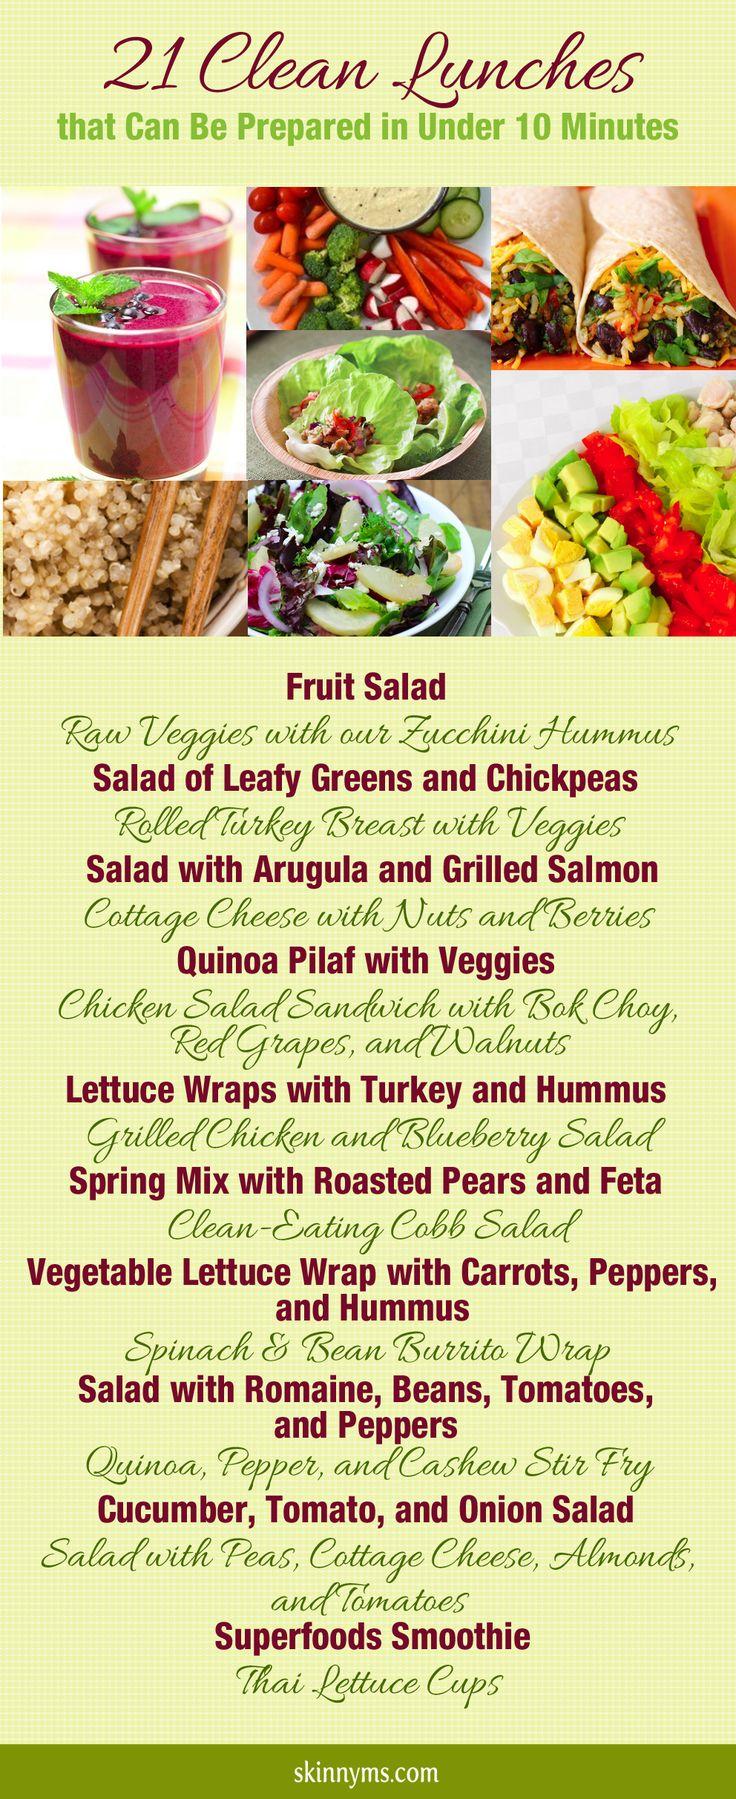 21 pranzi da prerarare in meno di 10 minuti #pranzo #cibisani